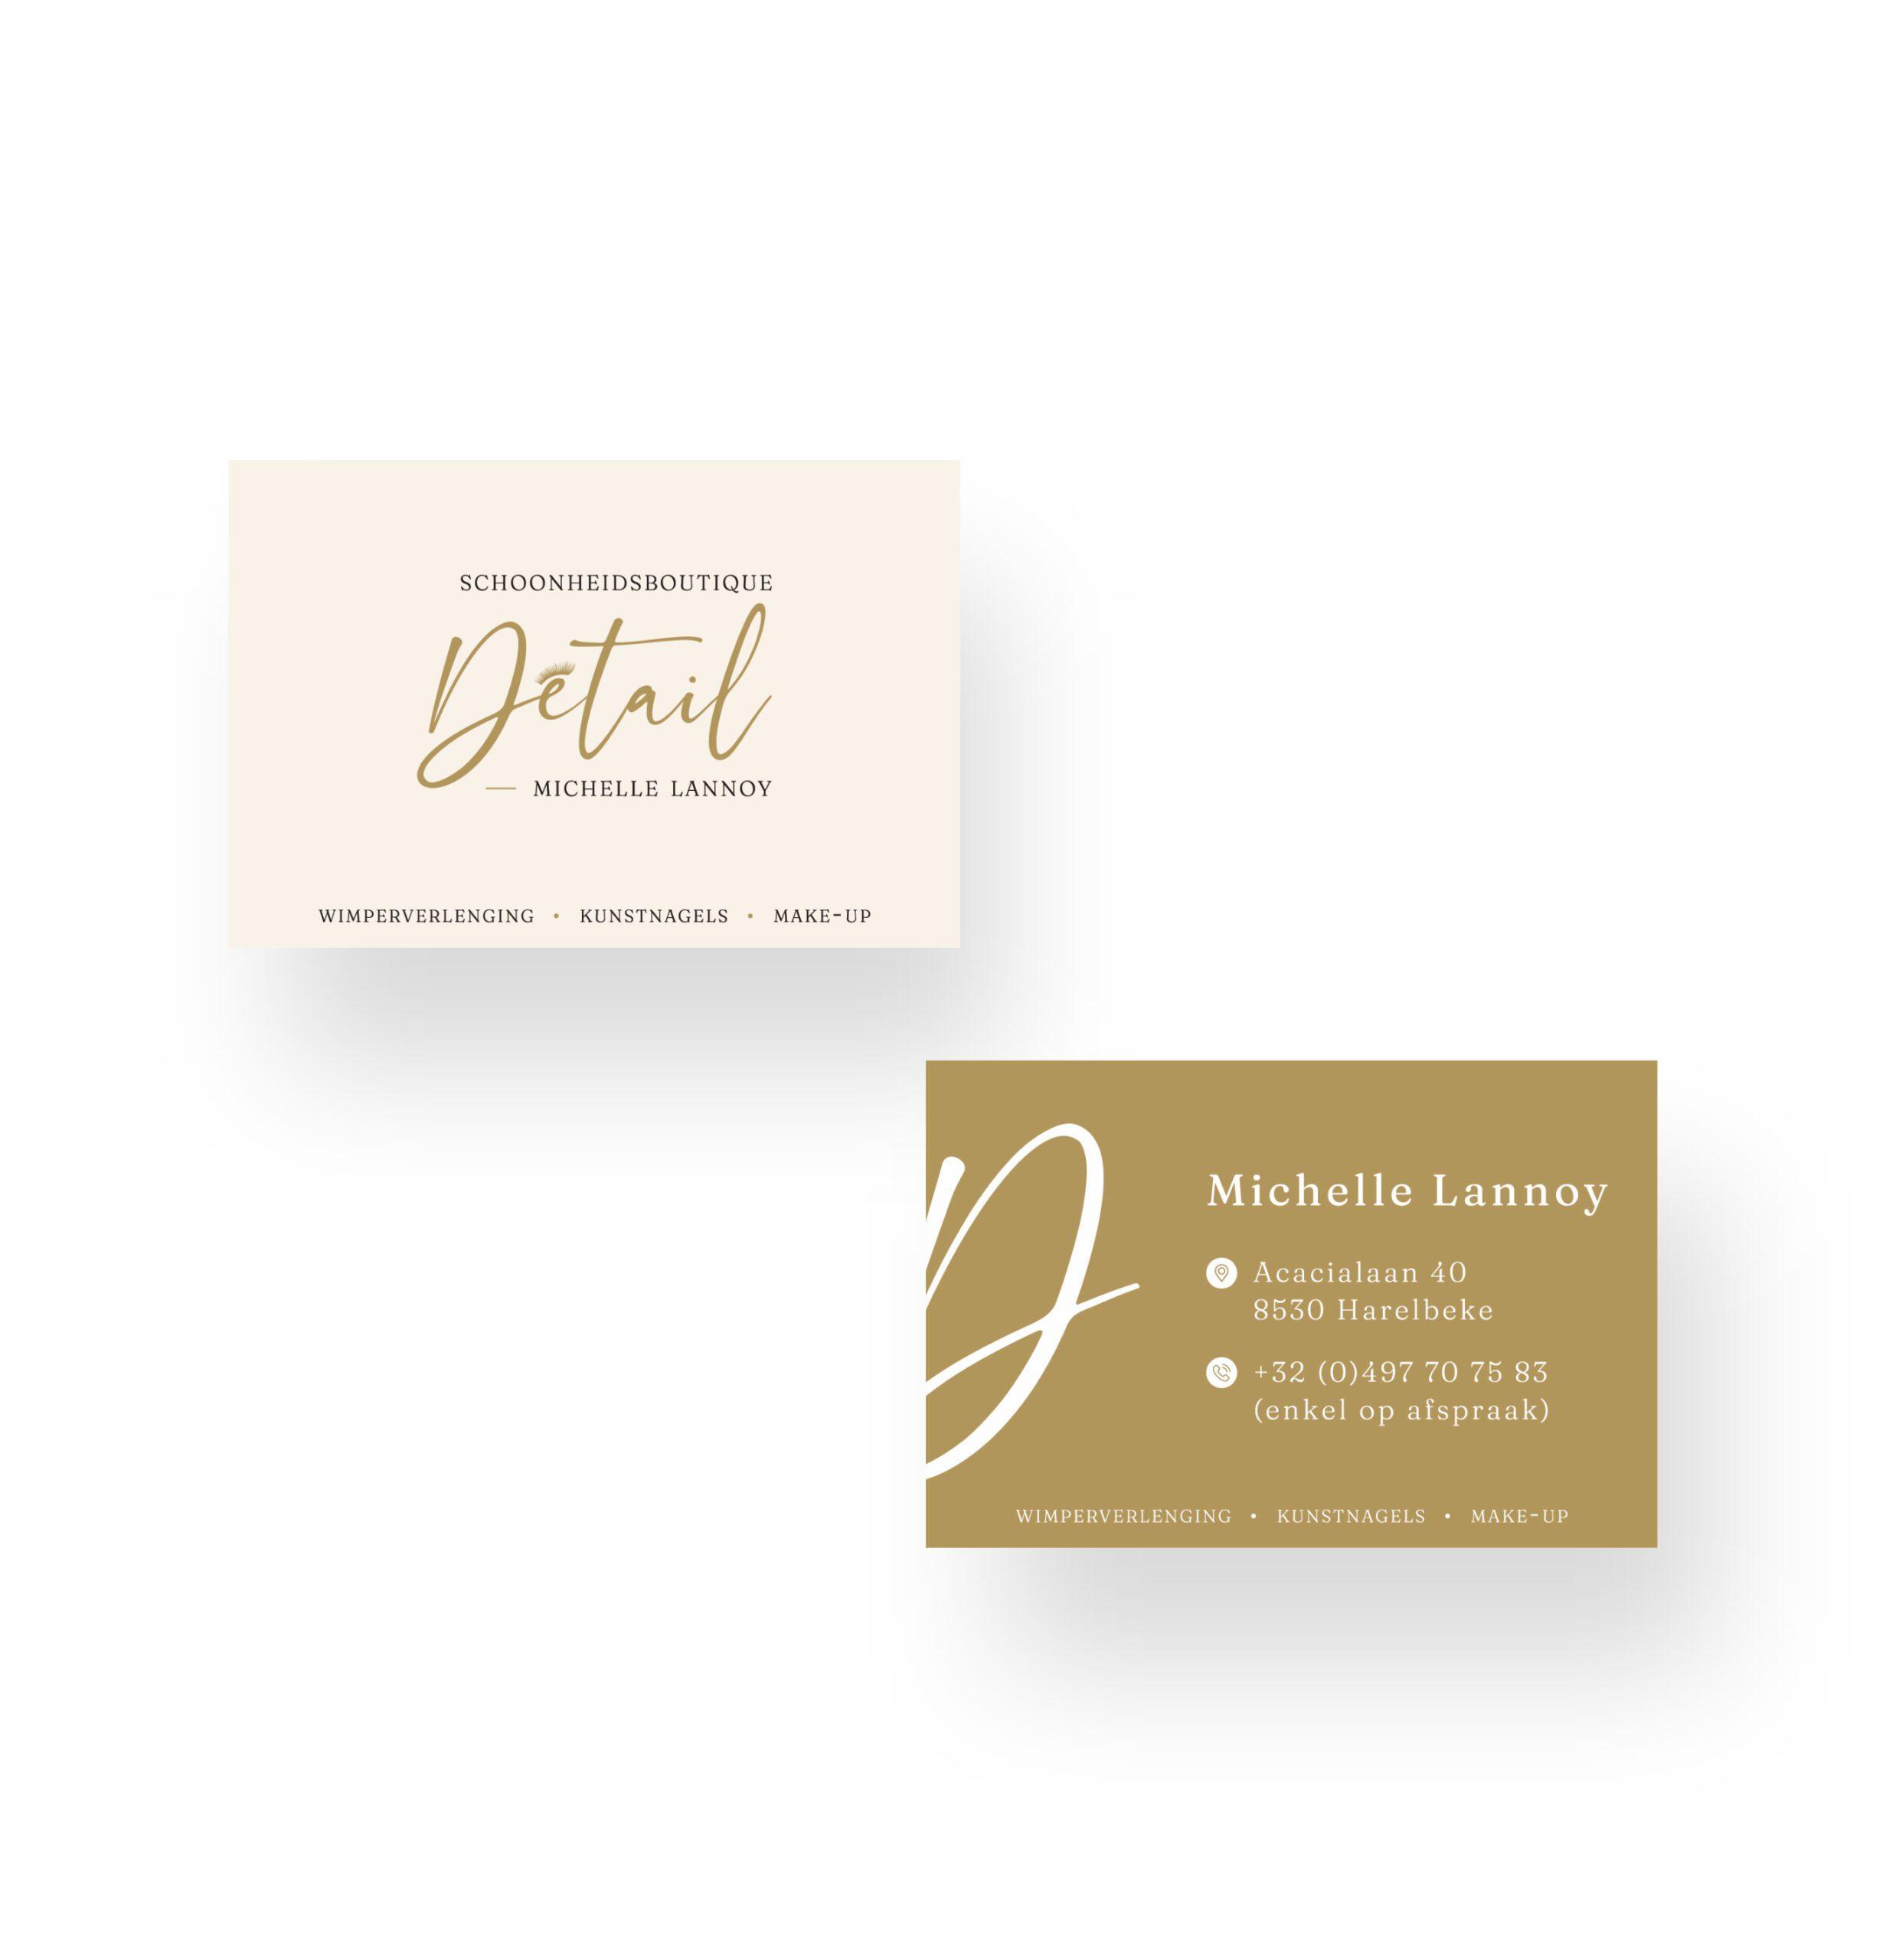 Visitekaartje ontwerp voor Détail